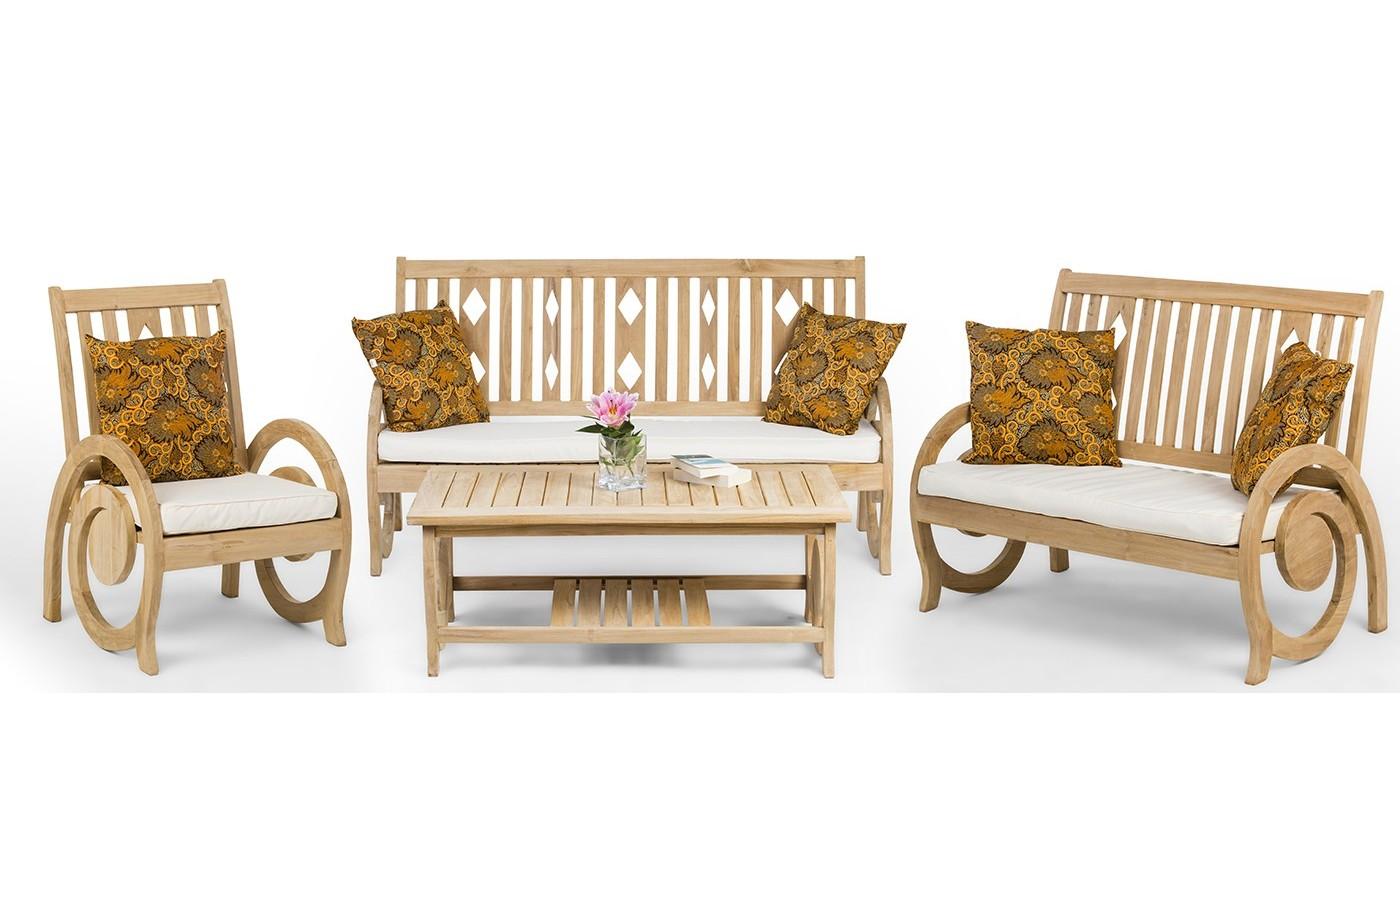 Dedun A Teak Wood Set Of Garden Furniture